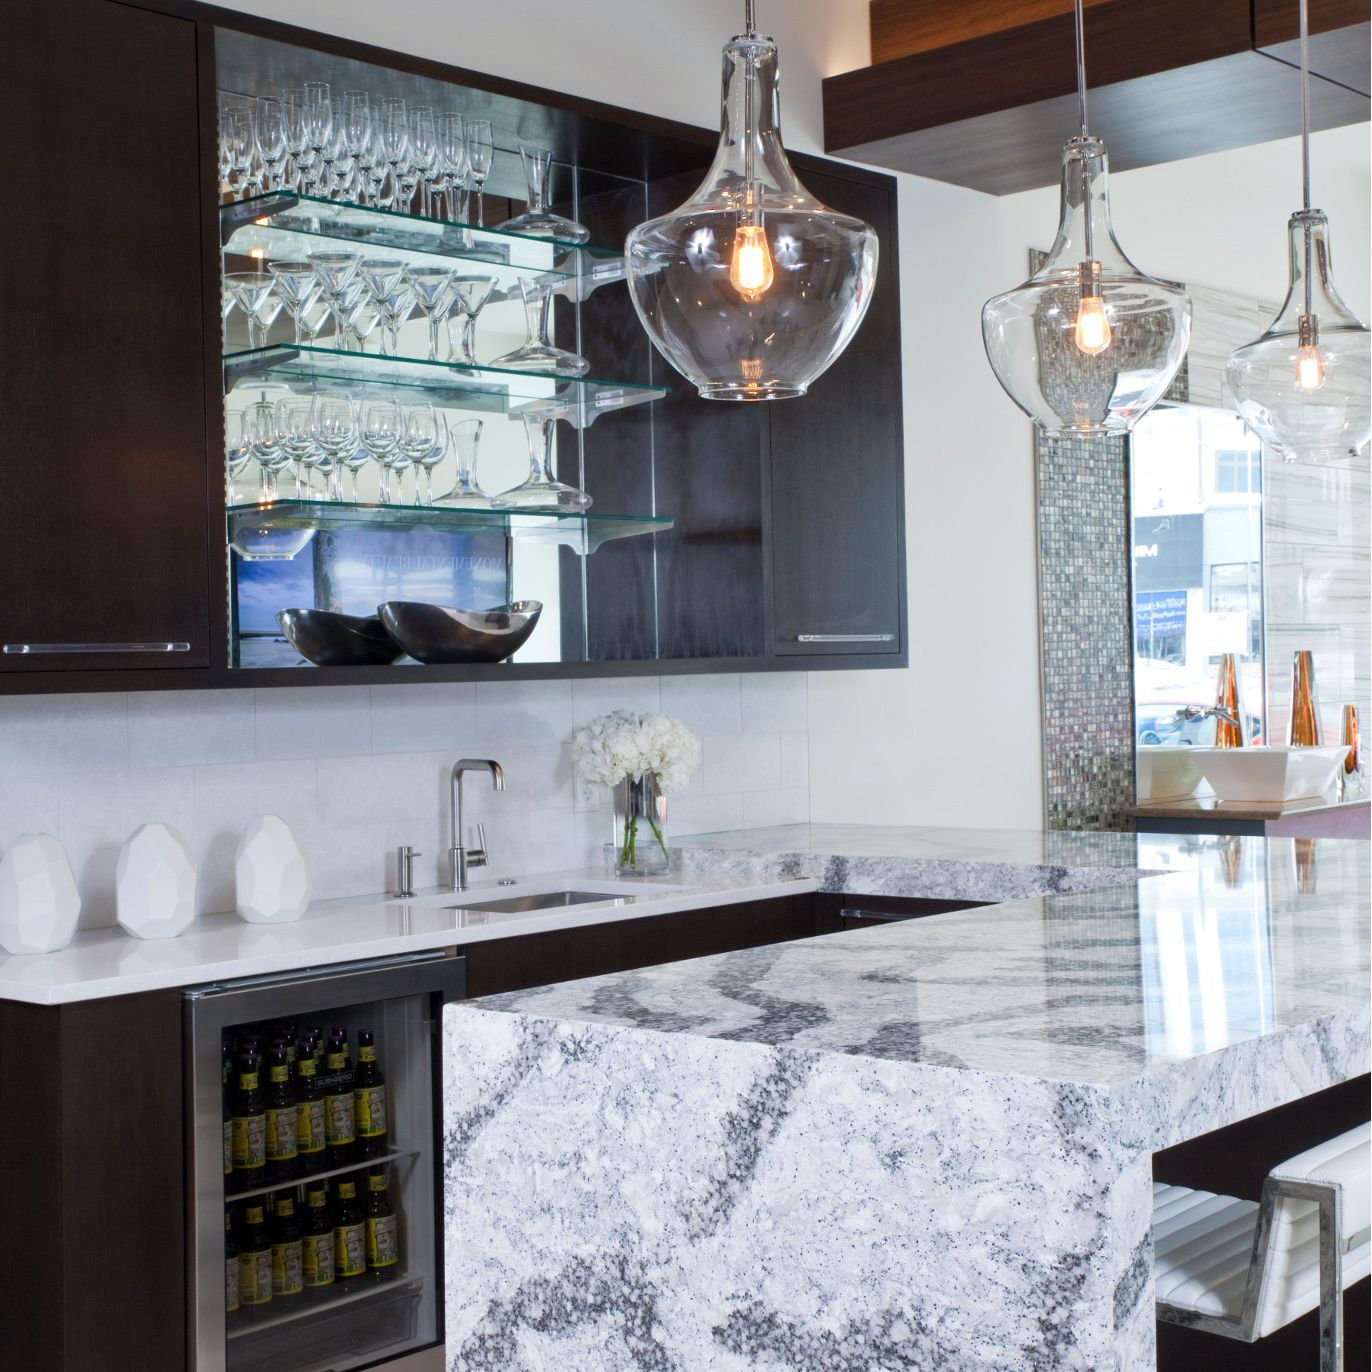 Cambria-seagrove-quartz-countertop-kitchen